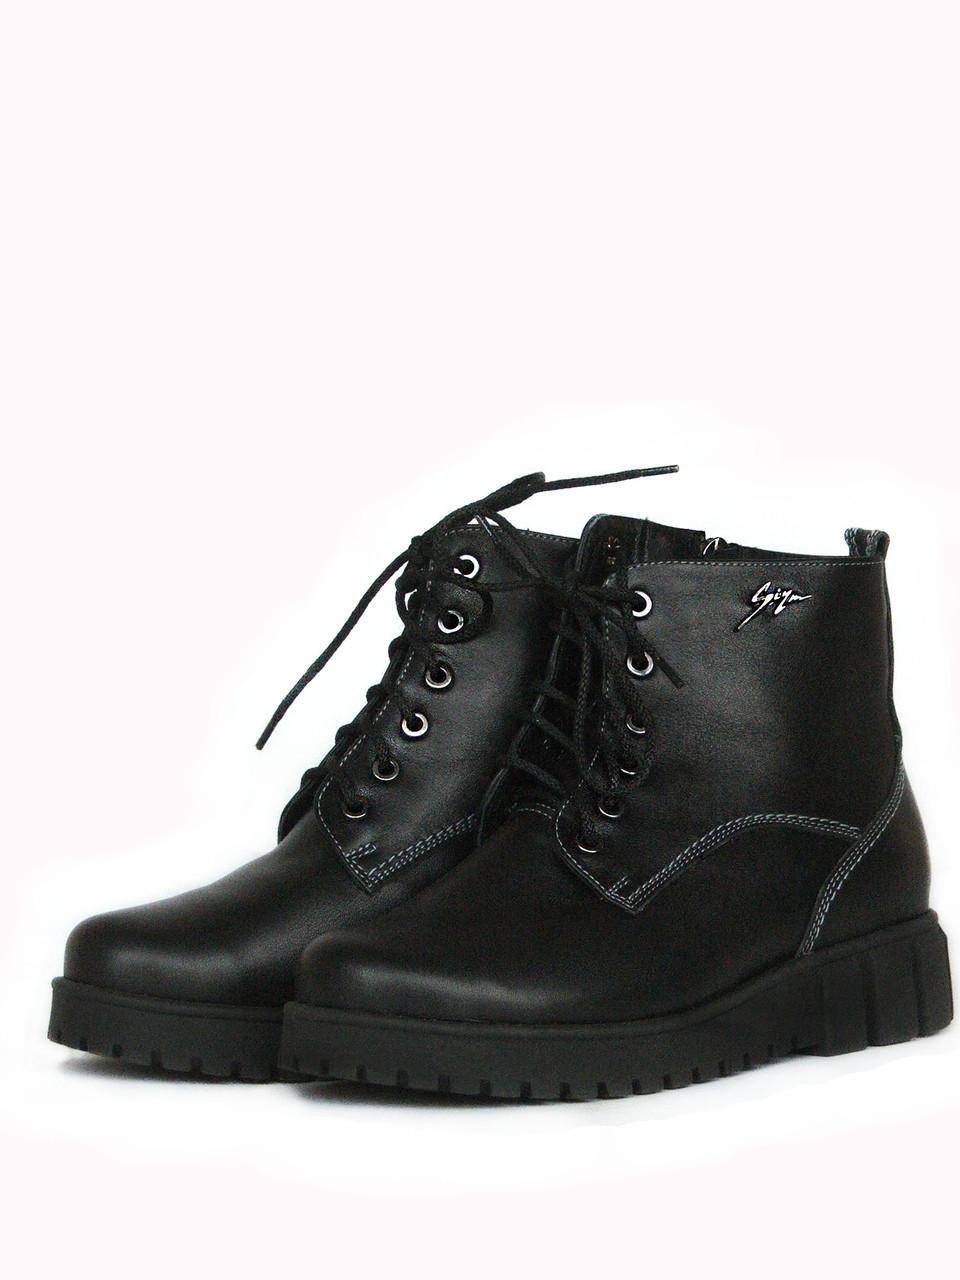 Кожаные ботинки женские на платформе